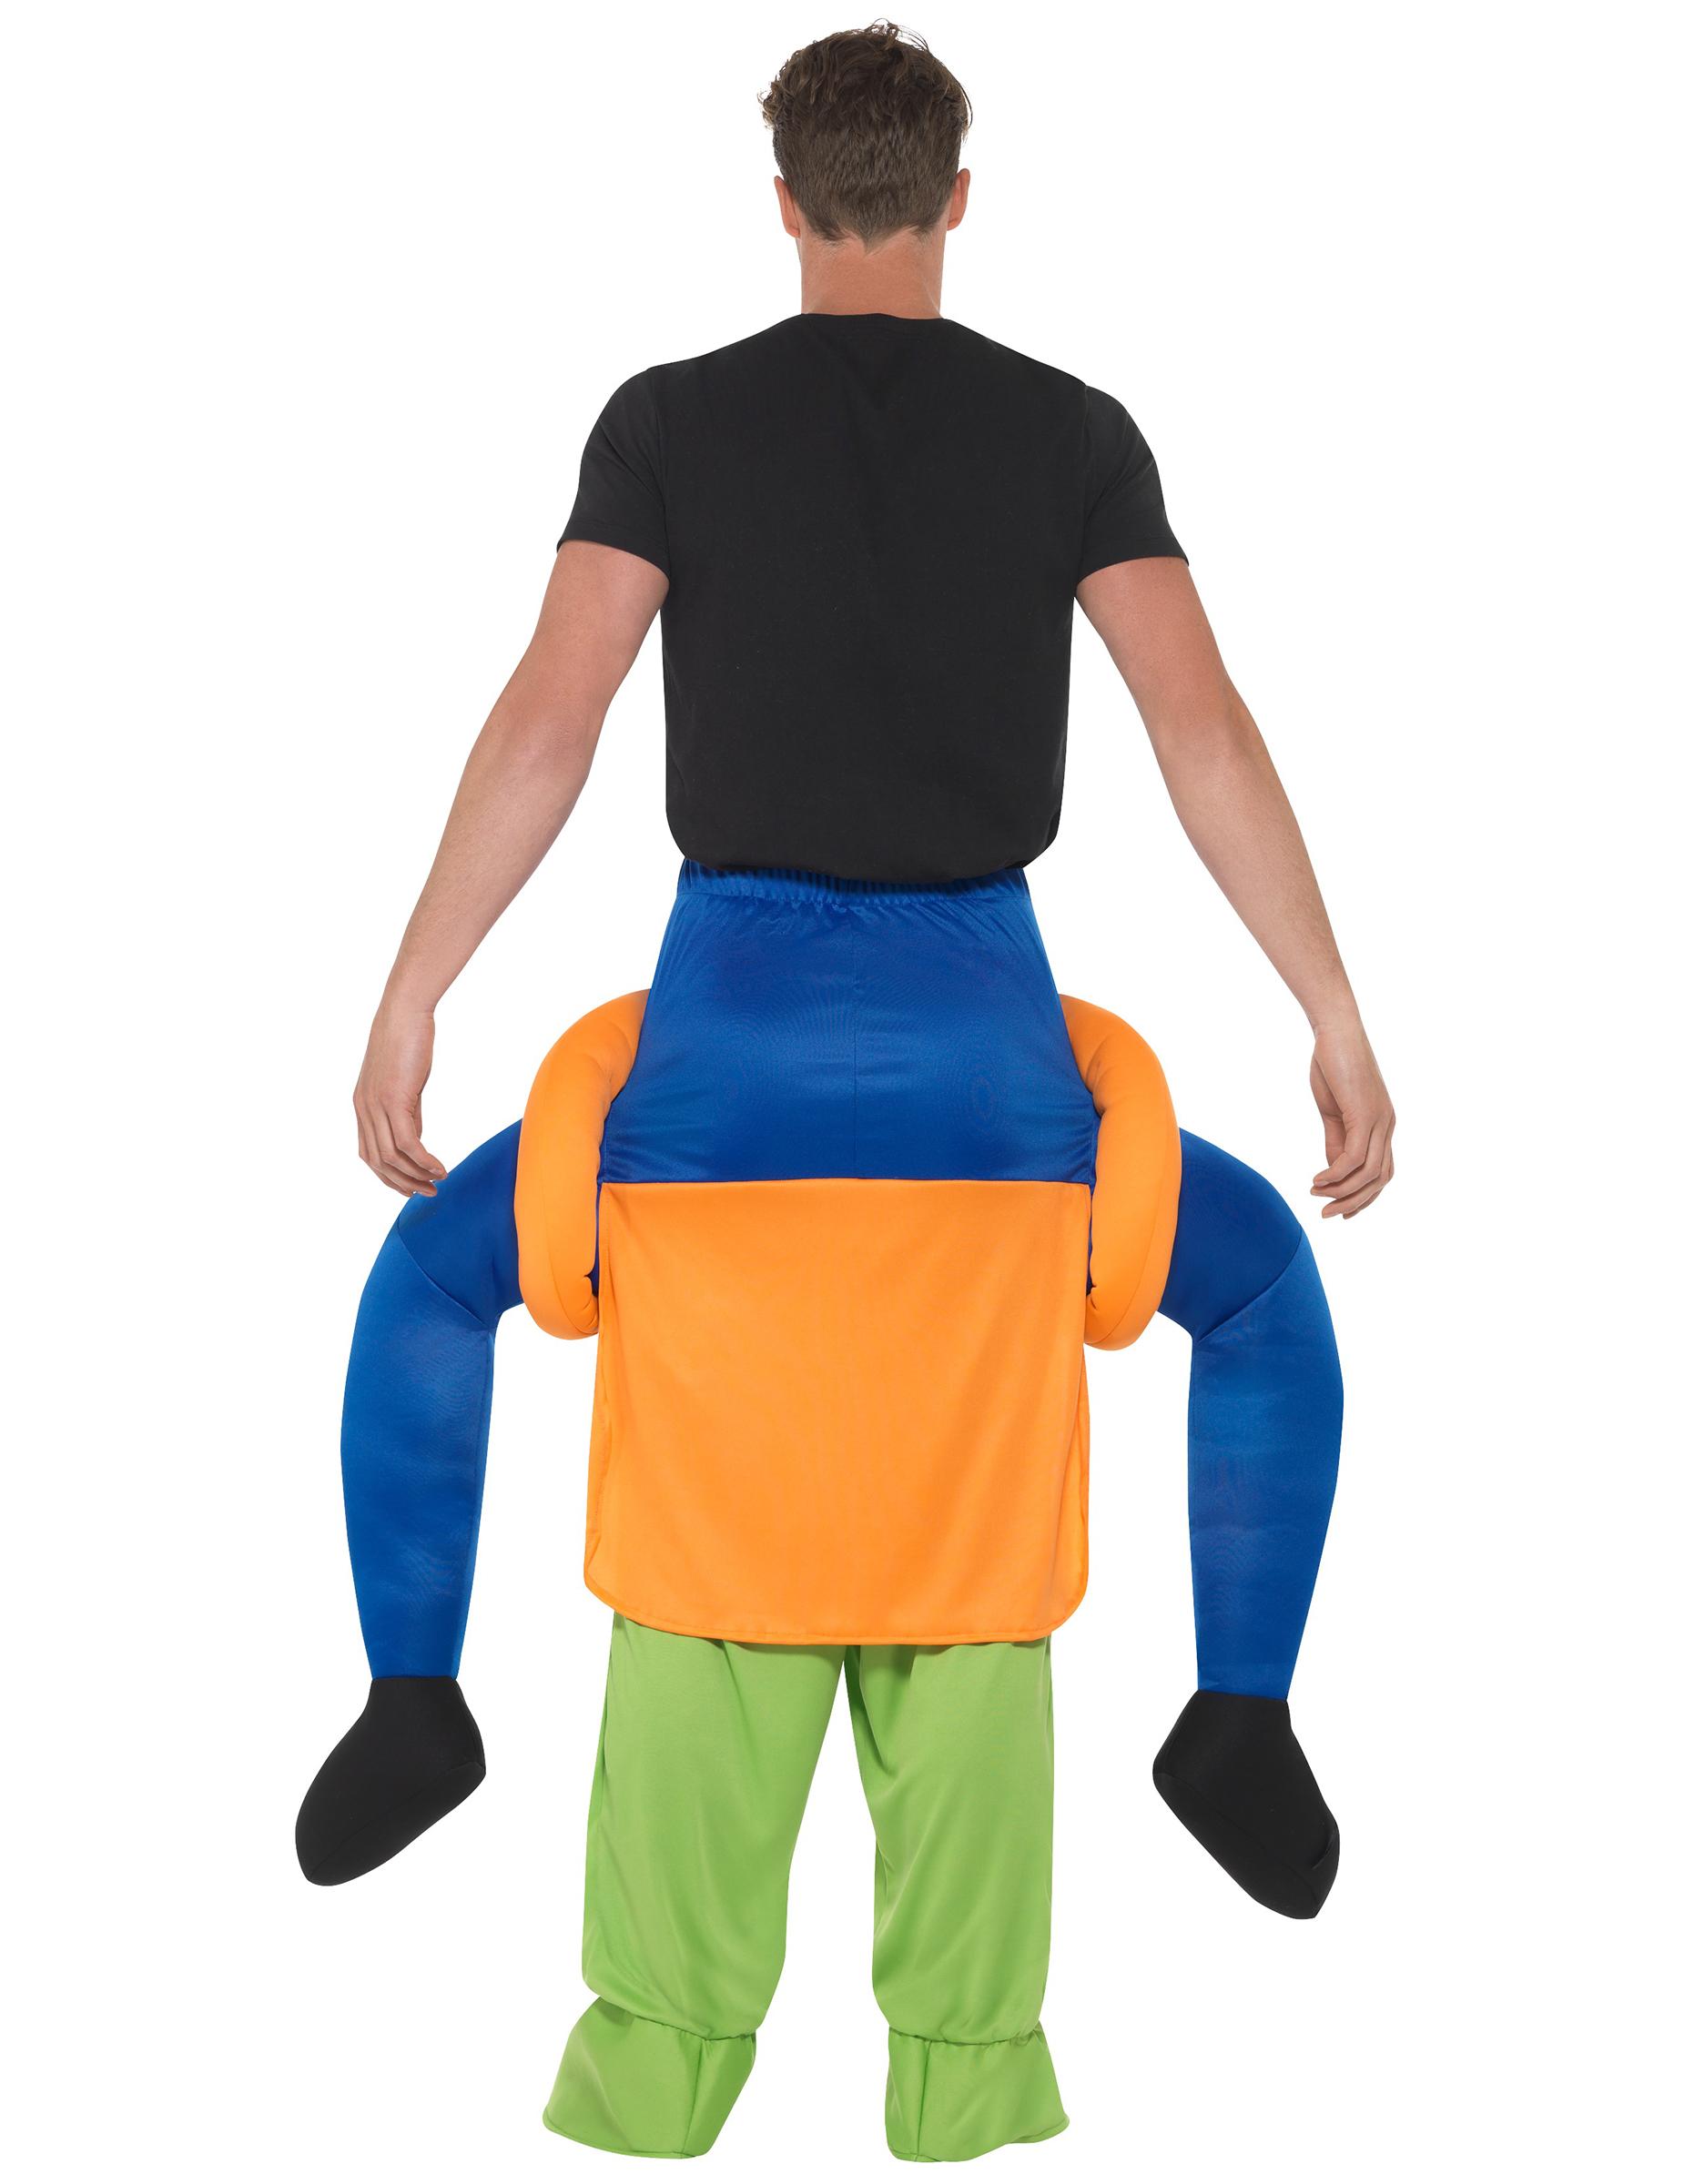 d guisement homme dos de citrouille effrayante adulte halloween deguise toi achat de. Black Bedroom Furniture Sets. Home Design Ideas